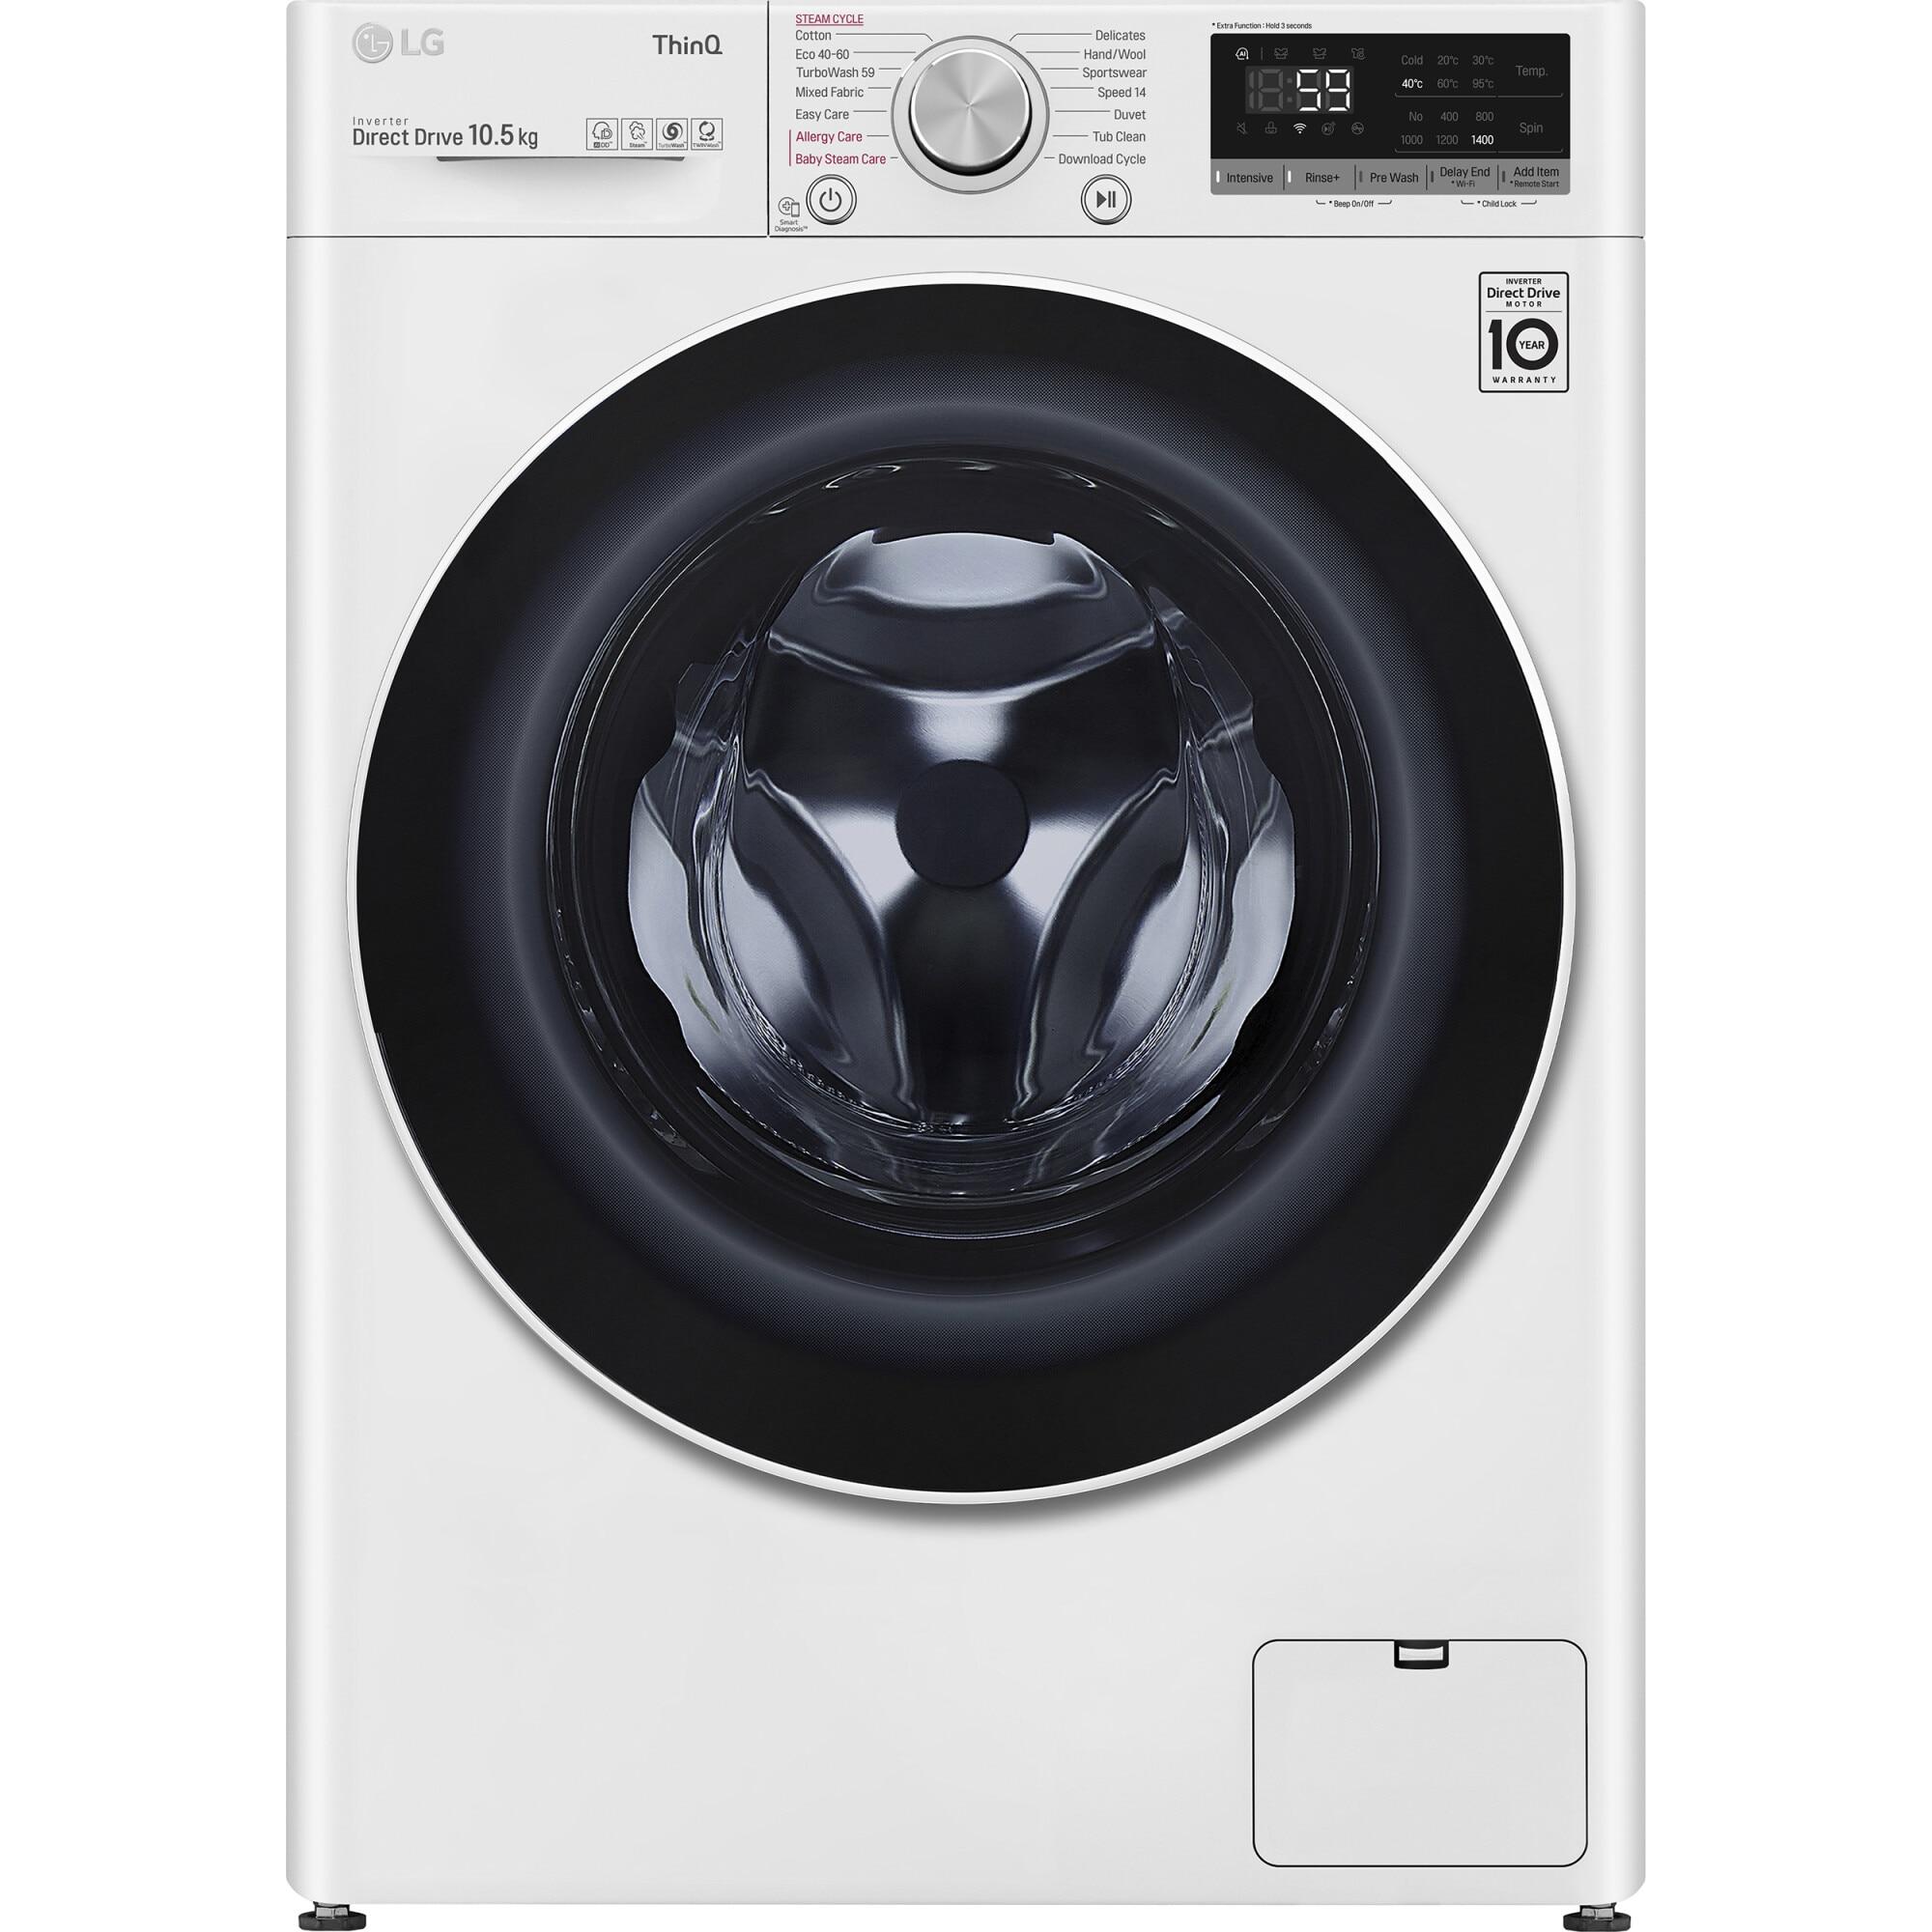 Fotografie Masina de spalat rufe LG F4WV510S0E, 10.5 kg, 1400 RPM, Clasa B, Inverter Direct Drive, Steam,Turbo Wash 59, Smart Diagnosis, WiFi, Alb